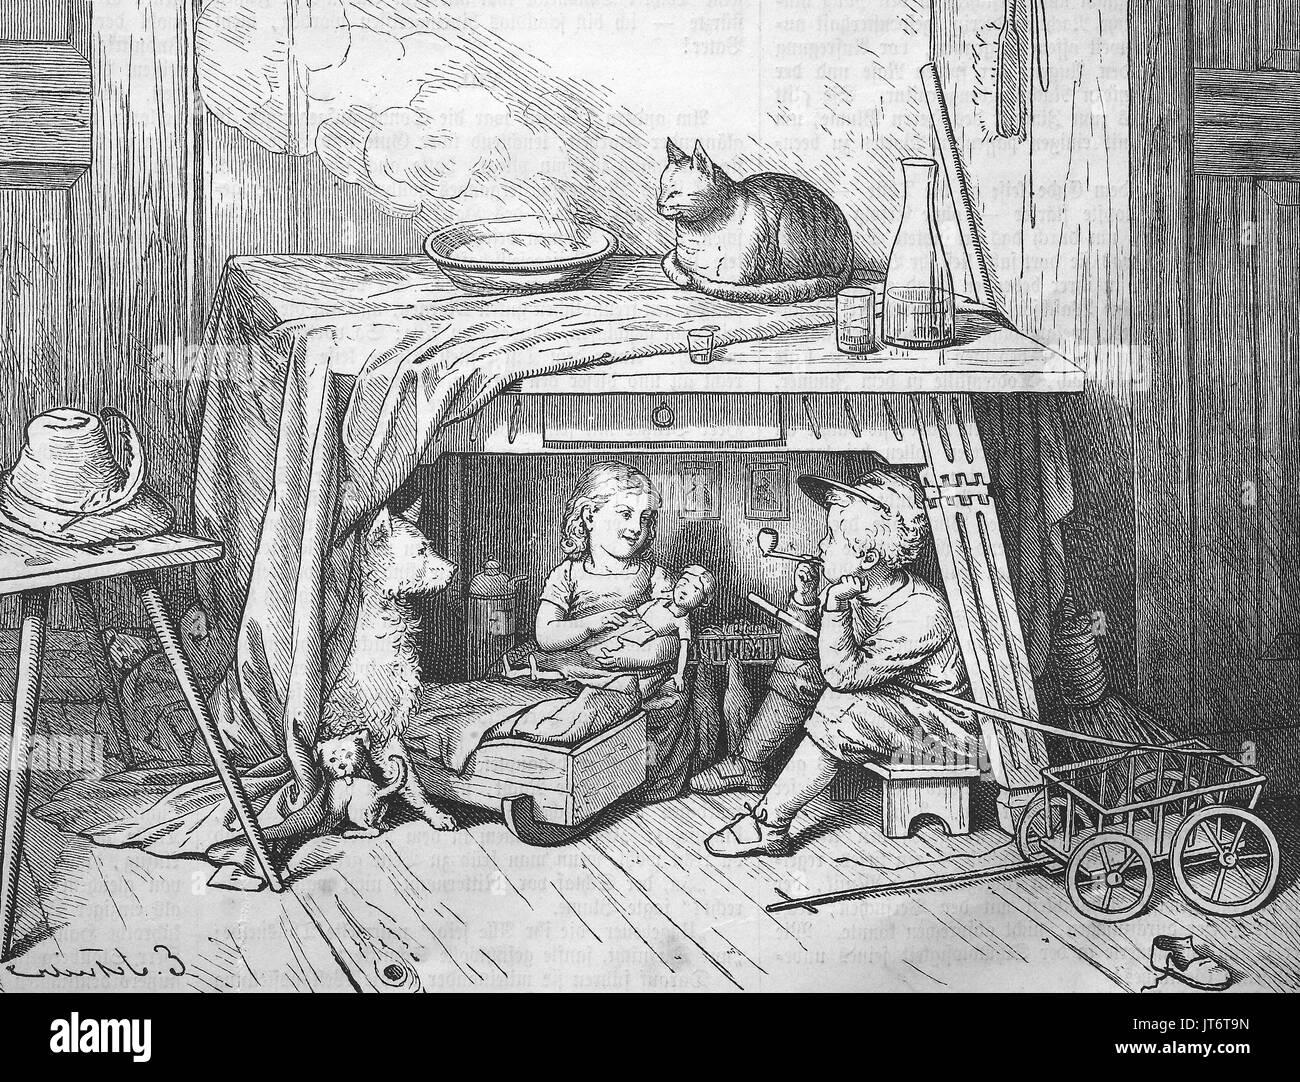 Junge raucht heimlich ein Rohr unter der Tabelle. Spielende Kinder Familie mit Puppe und Haustiere, Digital verbesserte Reproduktion eines Bildes zwischen 1880 - 1885 veröffentlicht. Stockbild